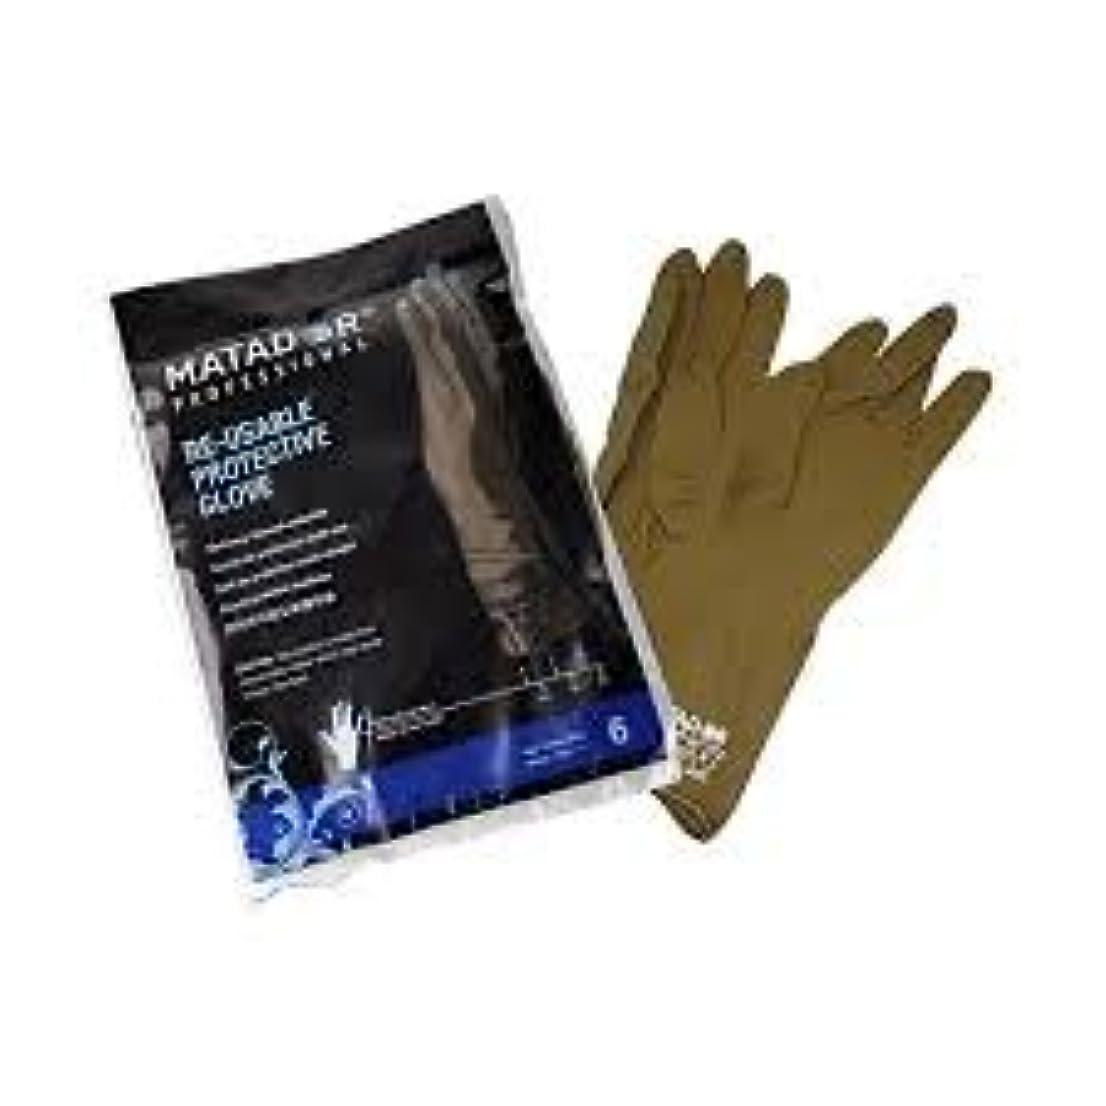 誓い特性財団マタドールゴム手袋 6.0吋 【10個セット】